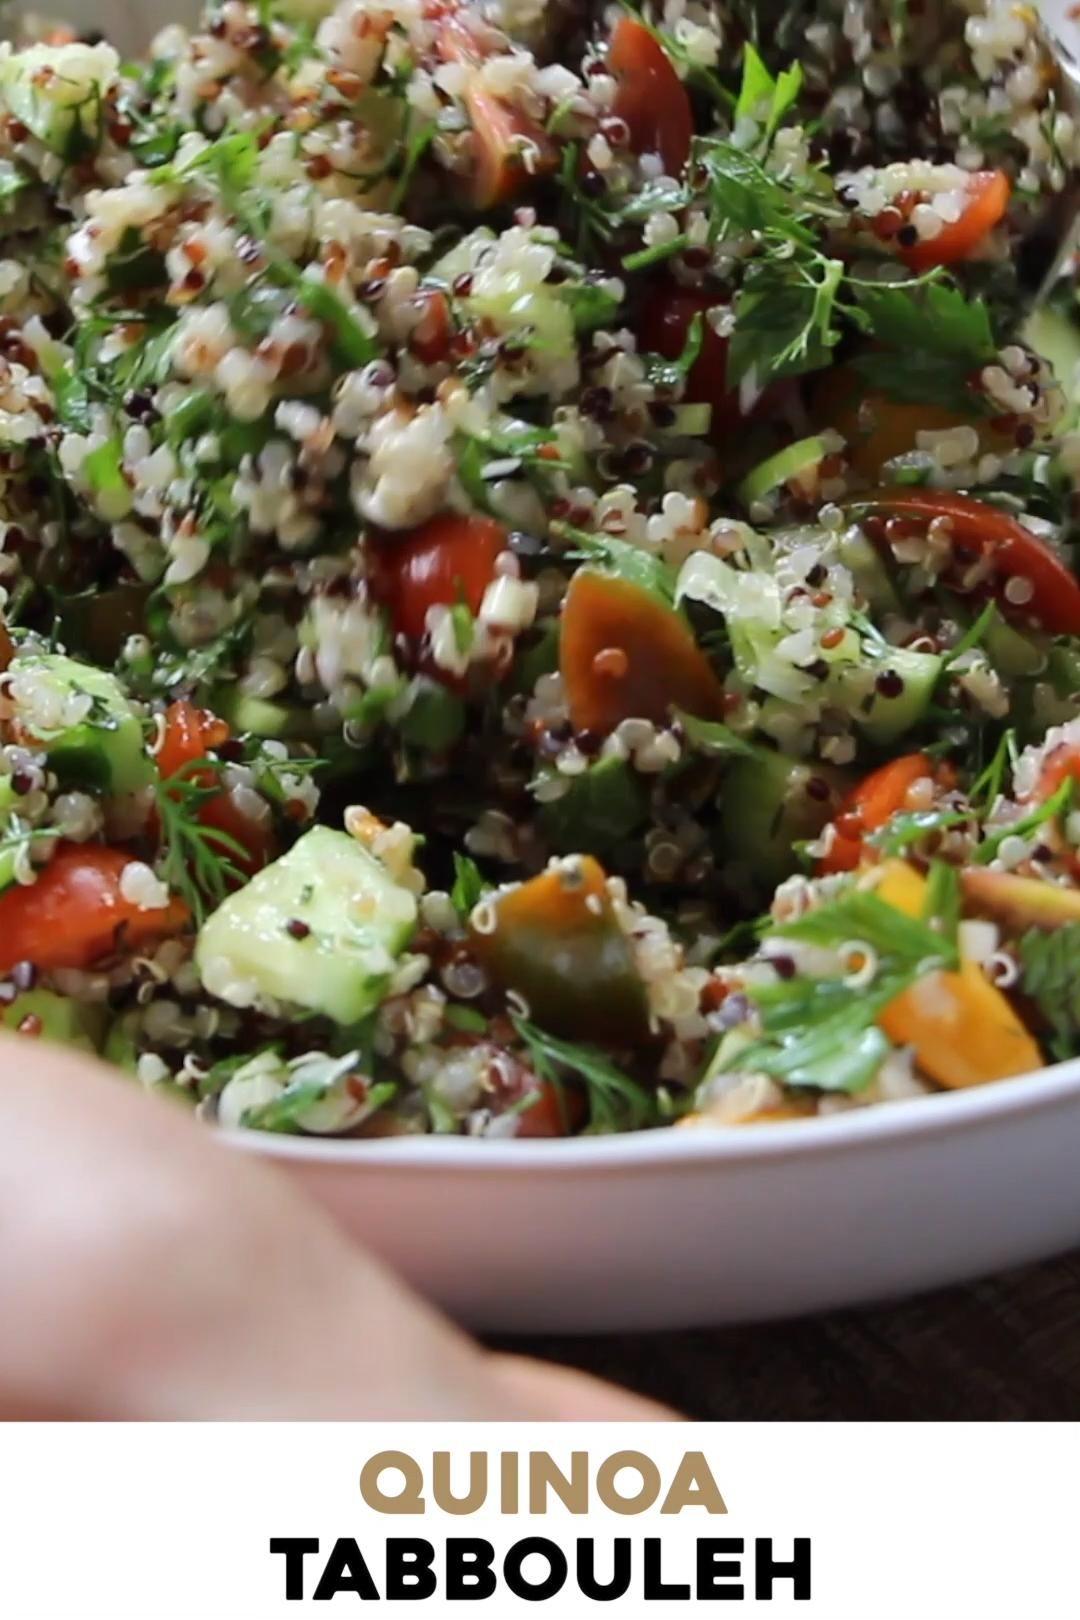 Photo of Quinoa Tabbouleh Salad